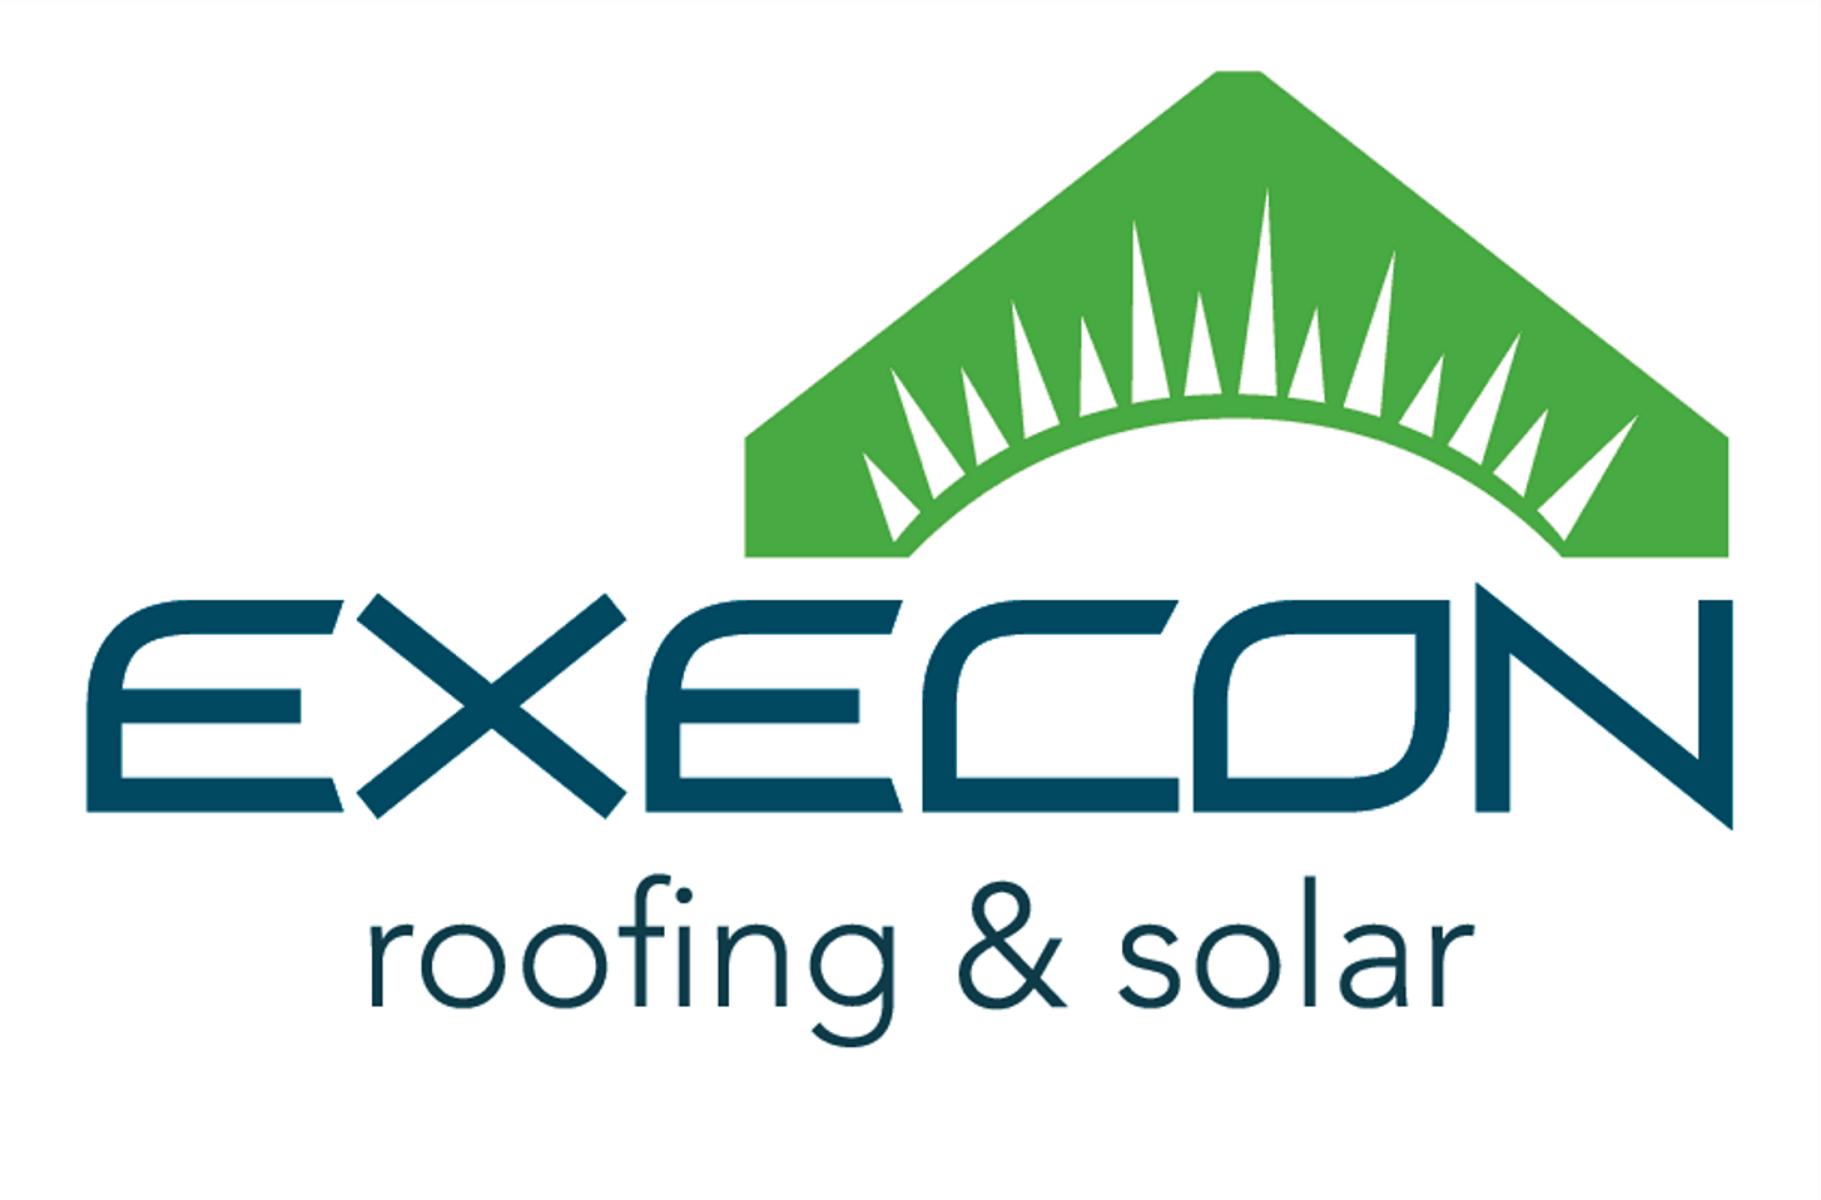 Solar Energy | Ottawa | Execon